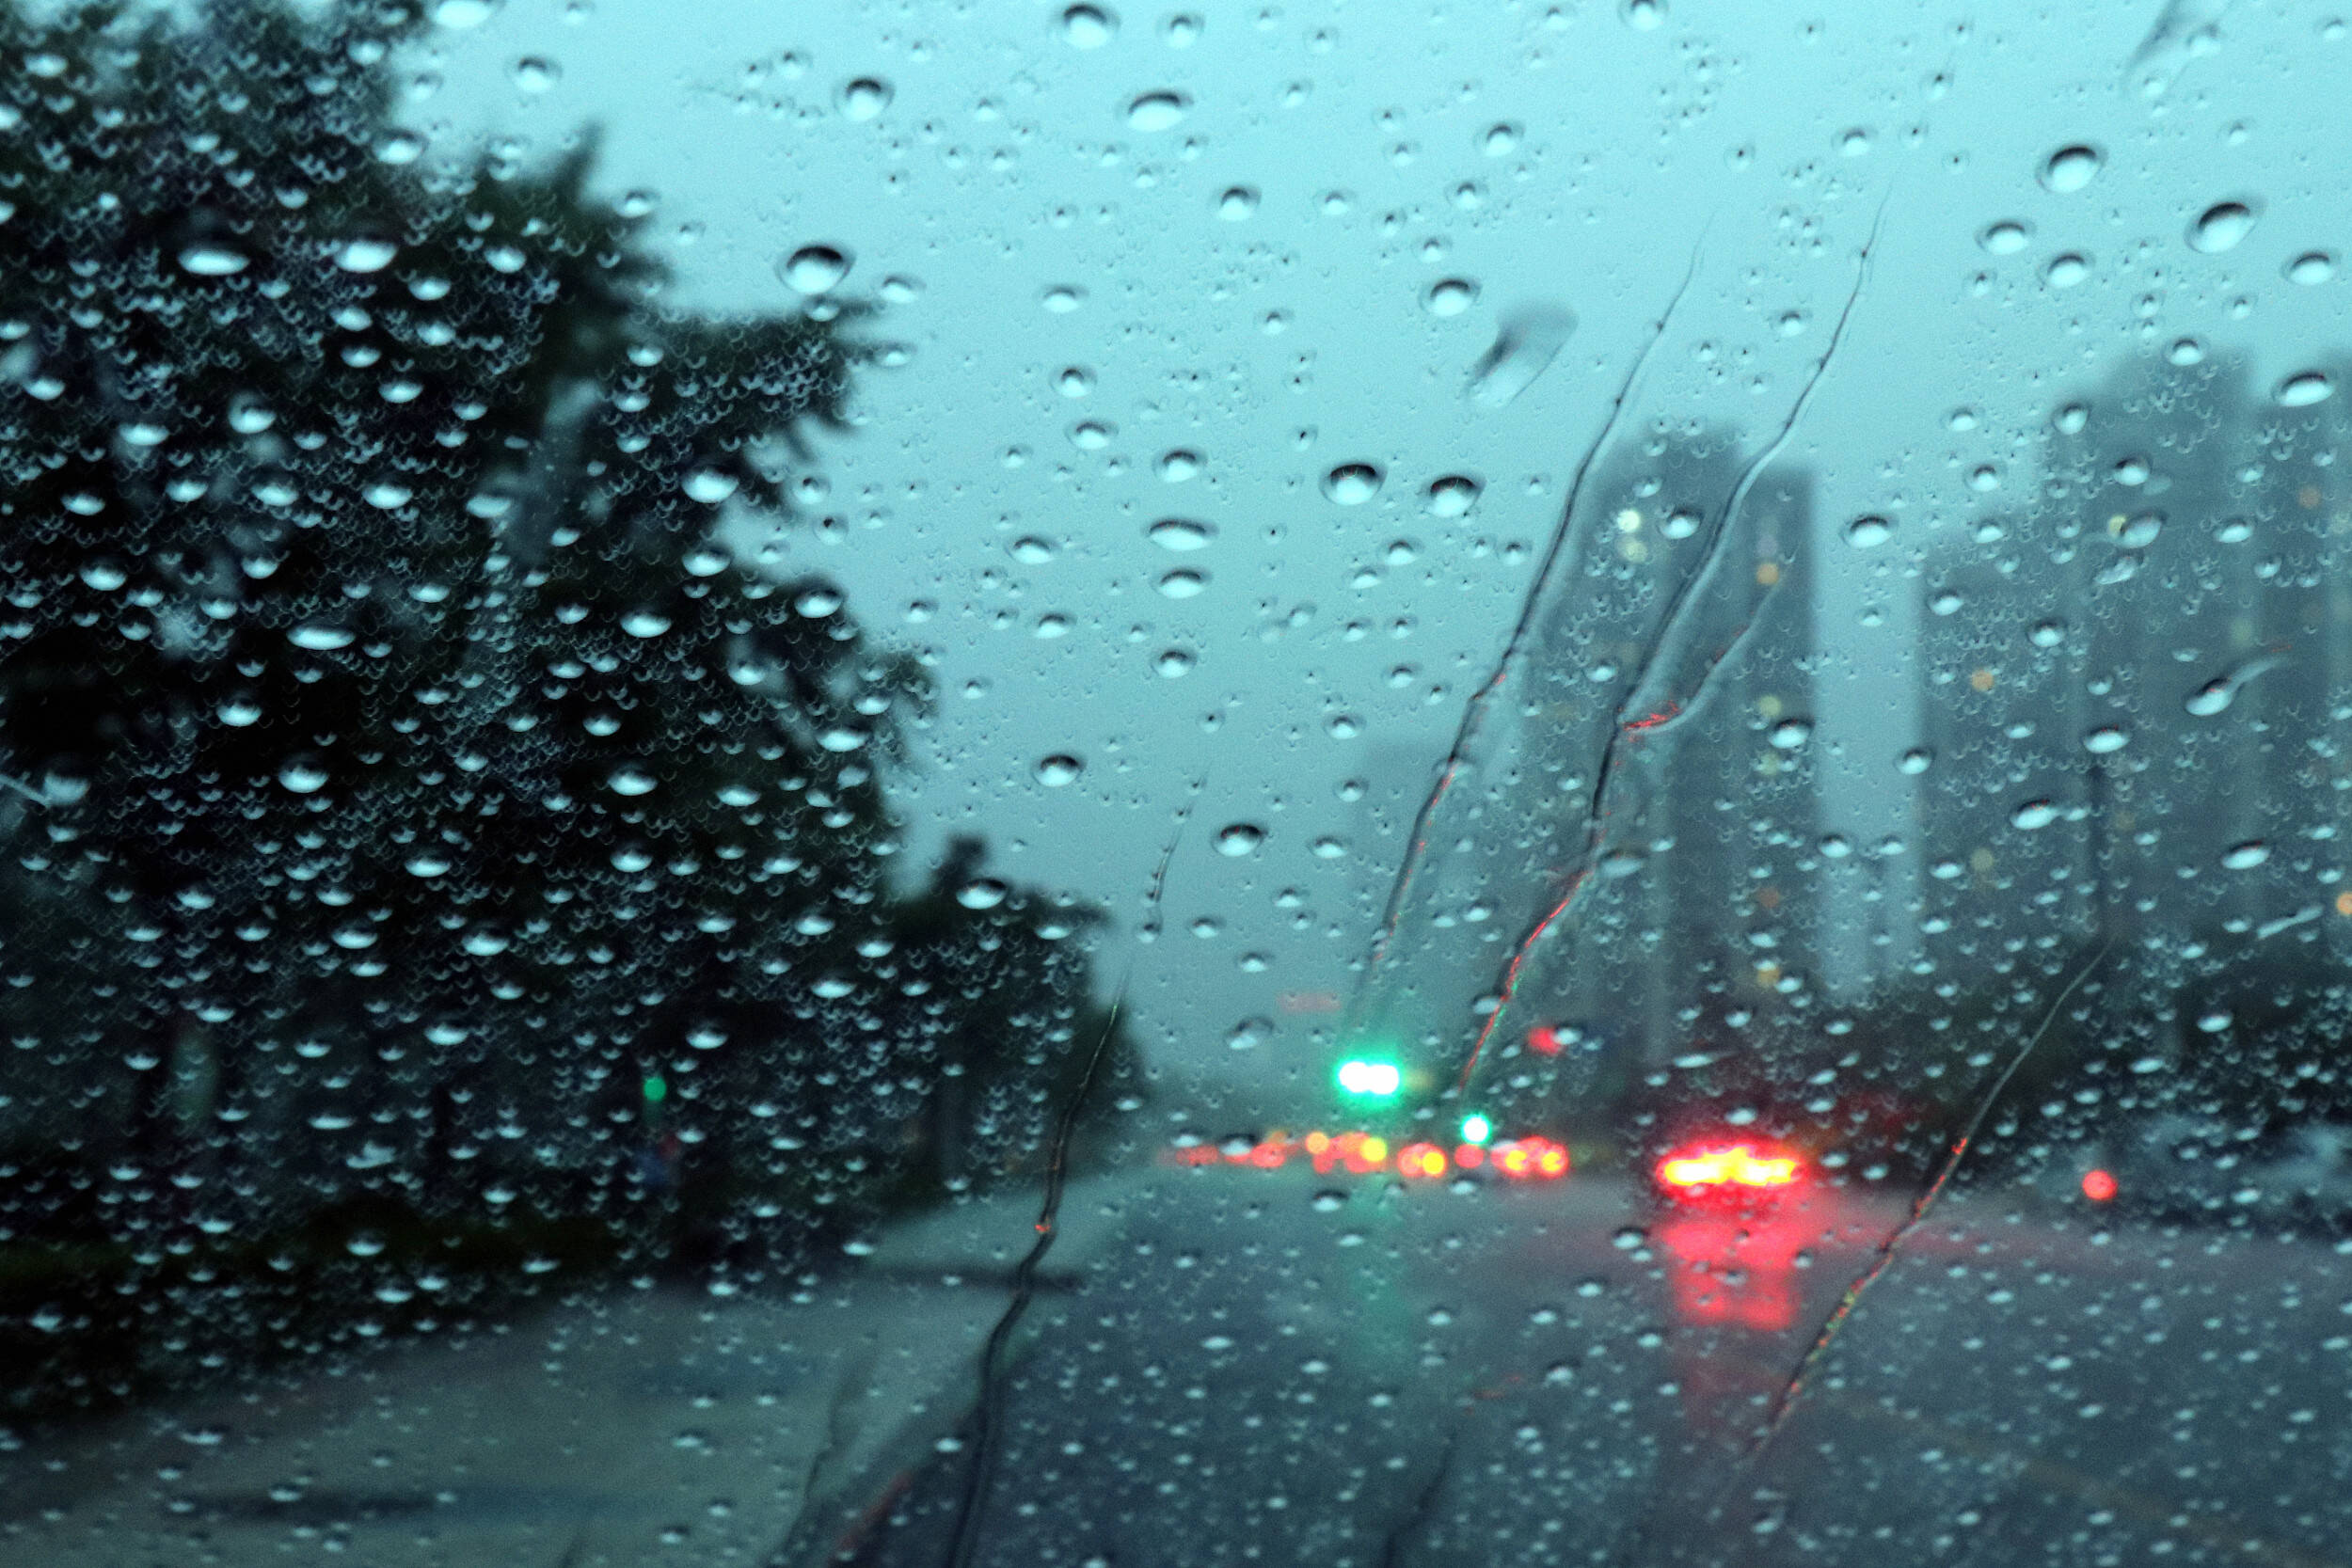 山东大部分地区将有雷雨或阵雨,局部有冰雹!注意做好强对流天气防范应对